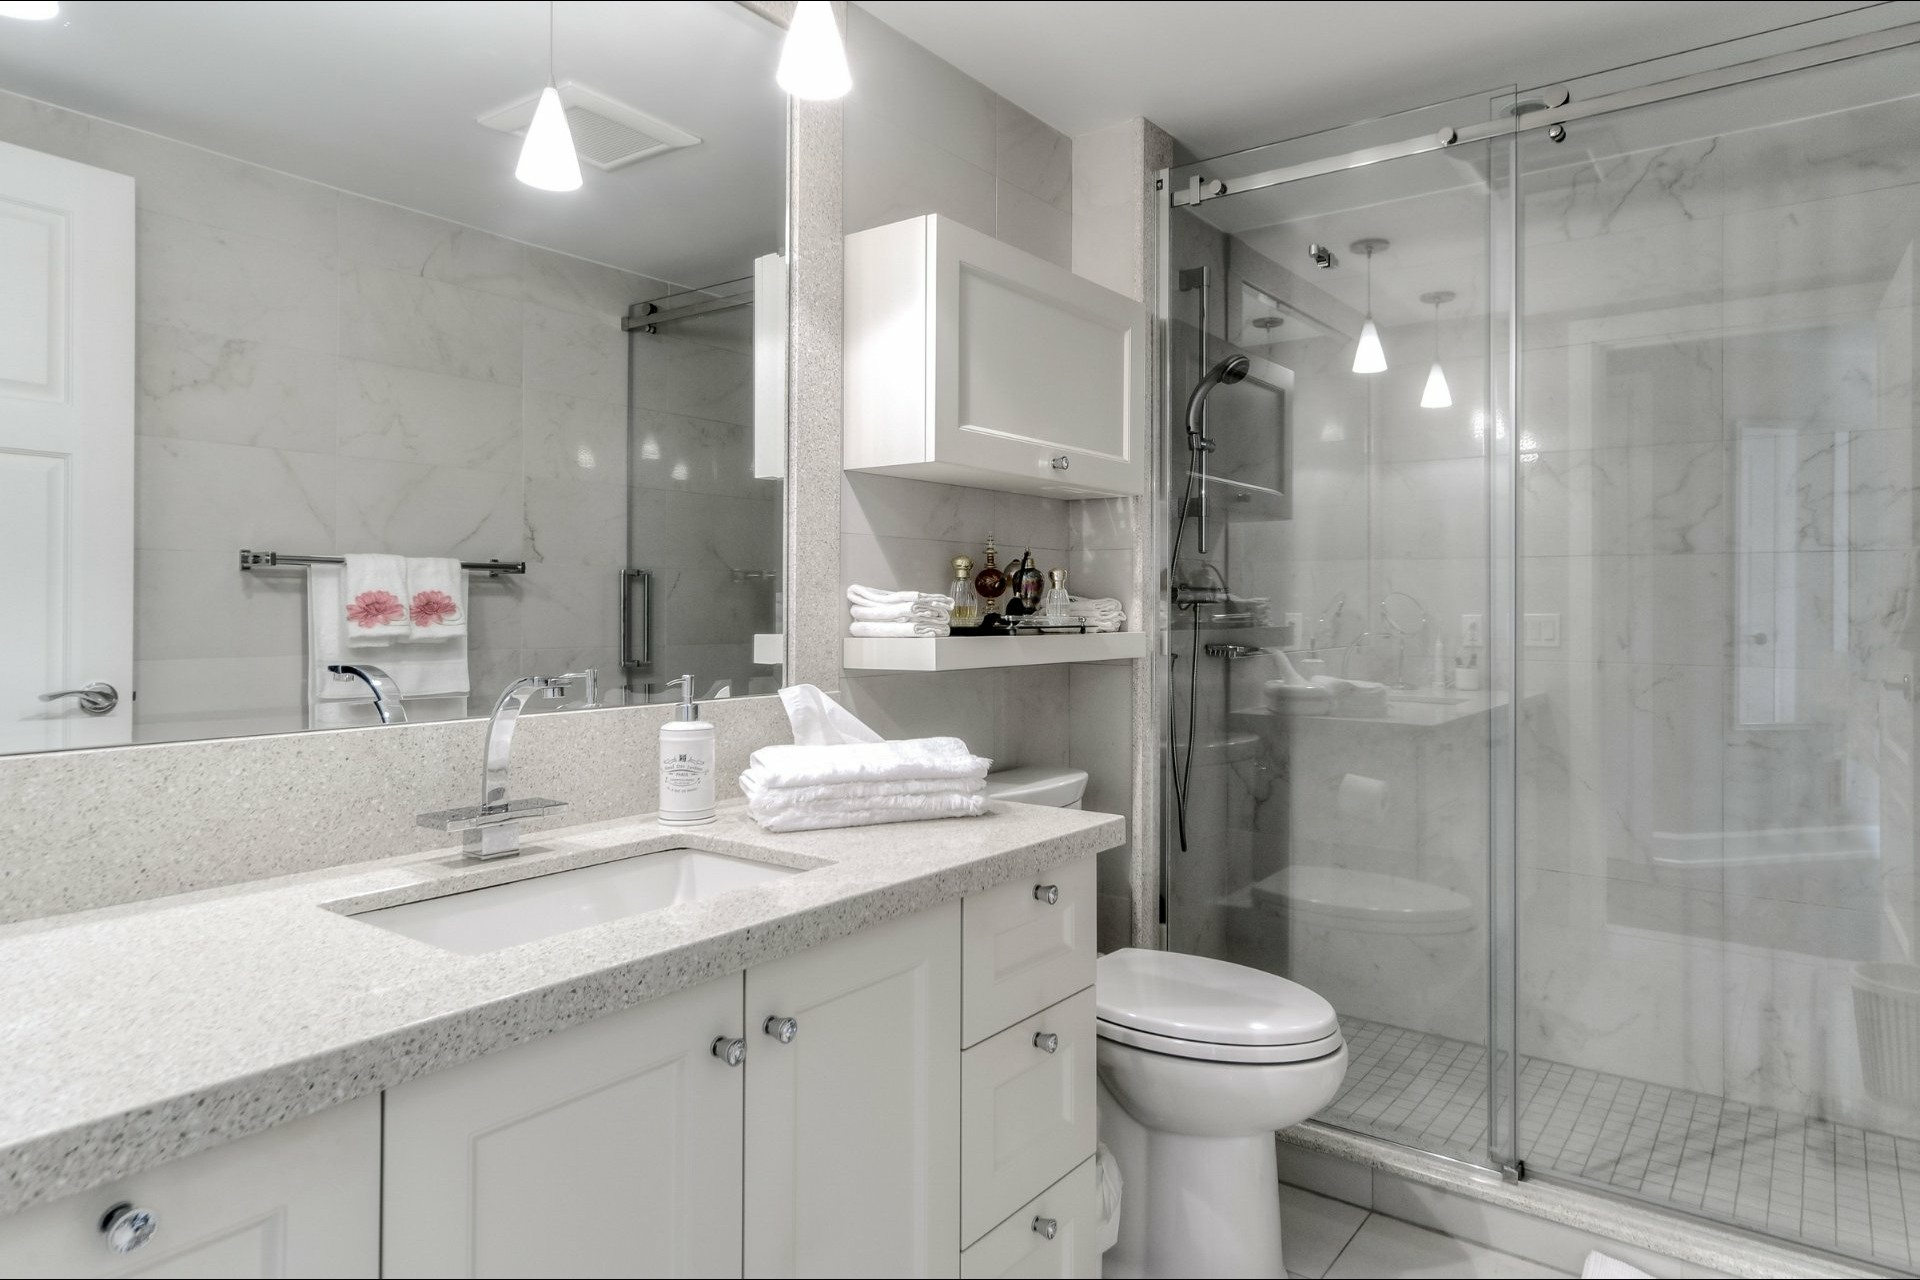 image 23 - 公寓 出售 Côte-des-Neiges/Notre-Dame-de-Grâce Montréal  - 6 室